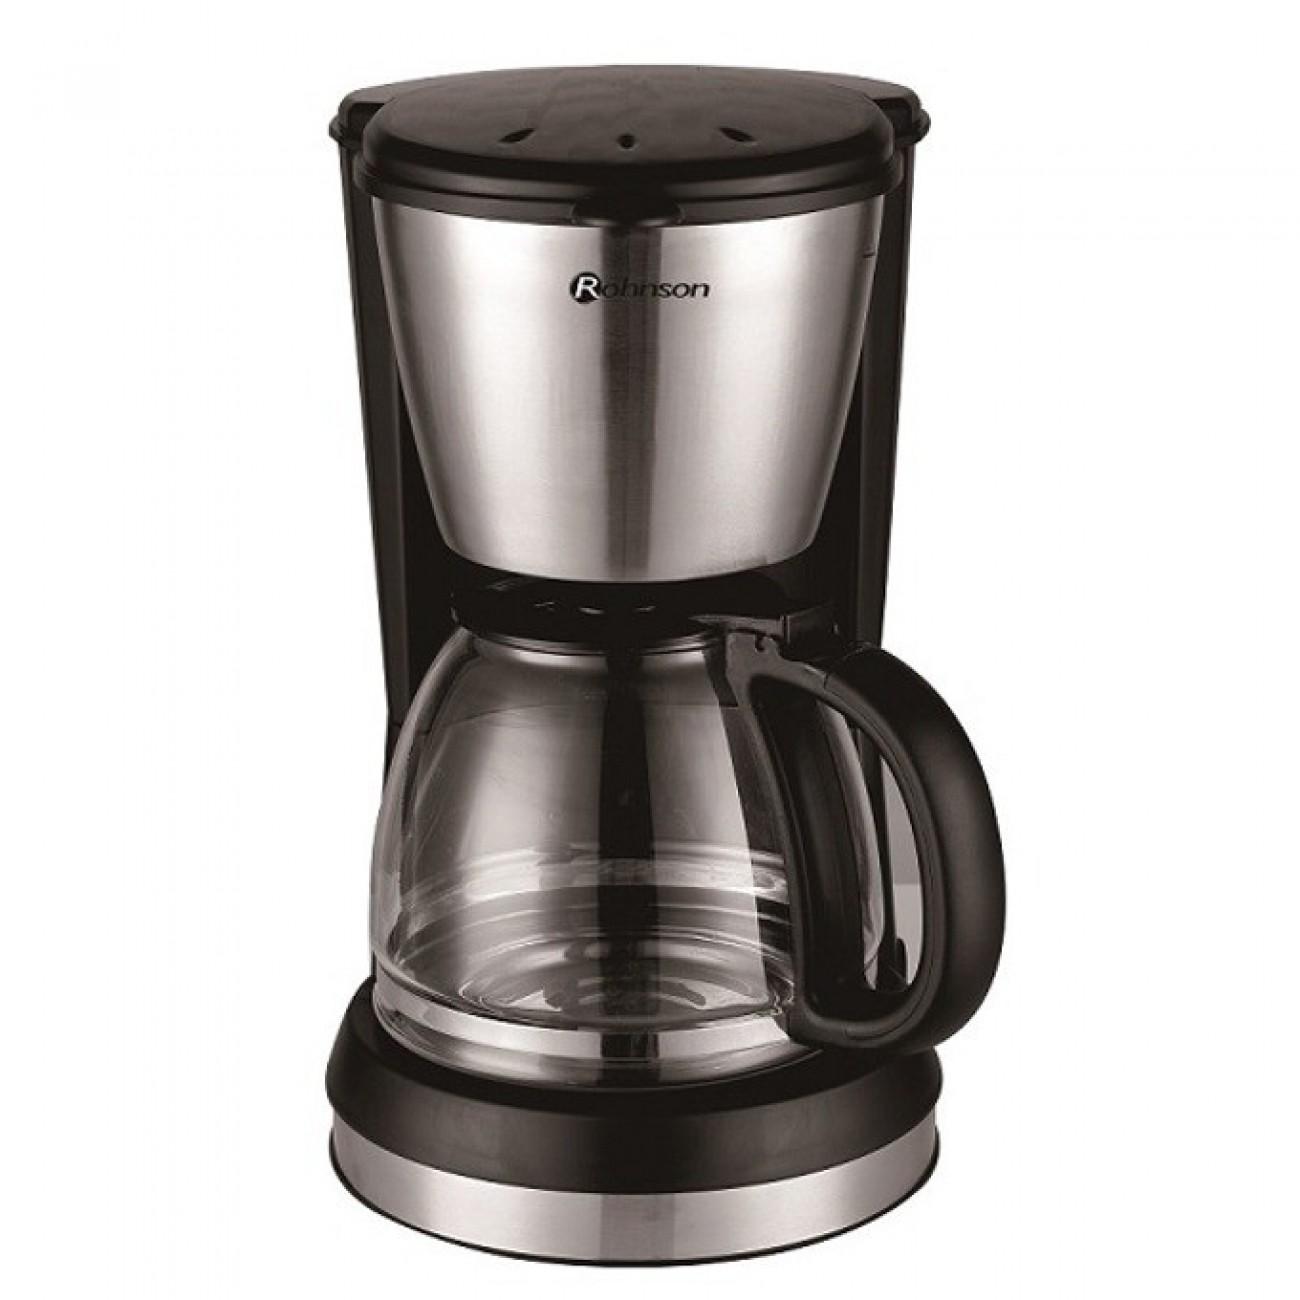 Ръчна шварц кафемашина Ronhson R 920, 900W, 1,5 л. кана, сменяем постоянен филтър, поддържане на постоянна температура, черна/инокс в Кафемашини -    Alleop